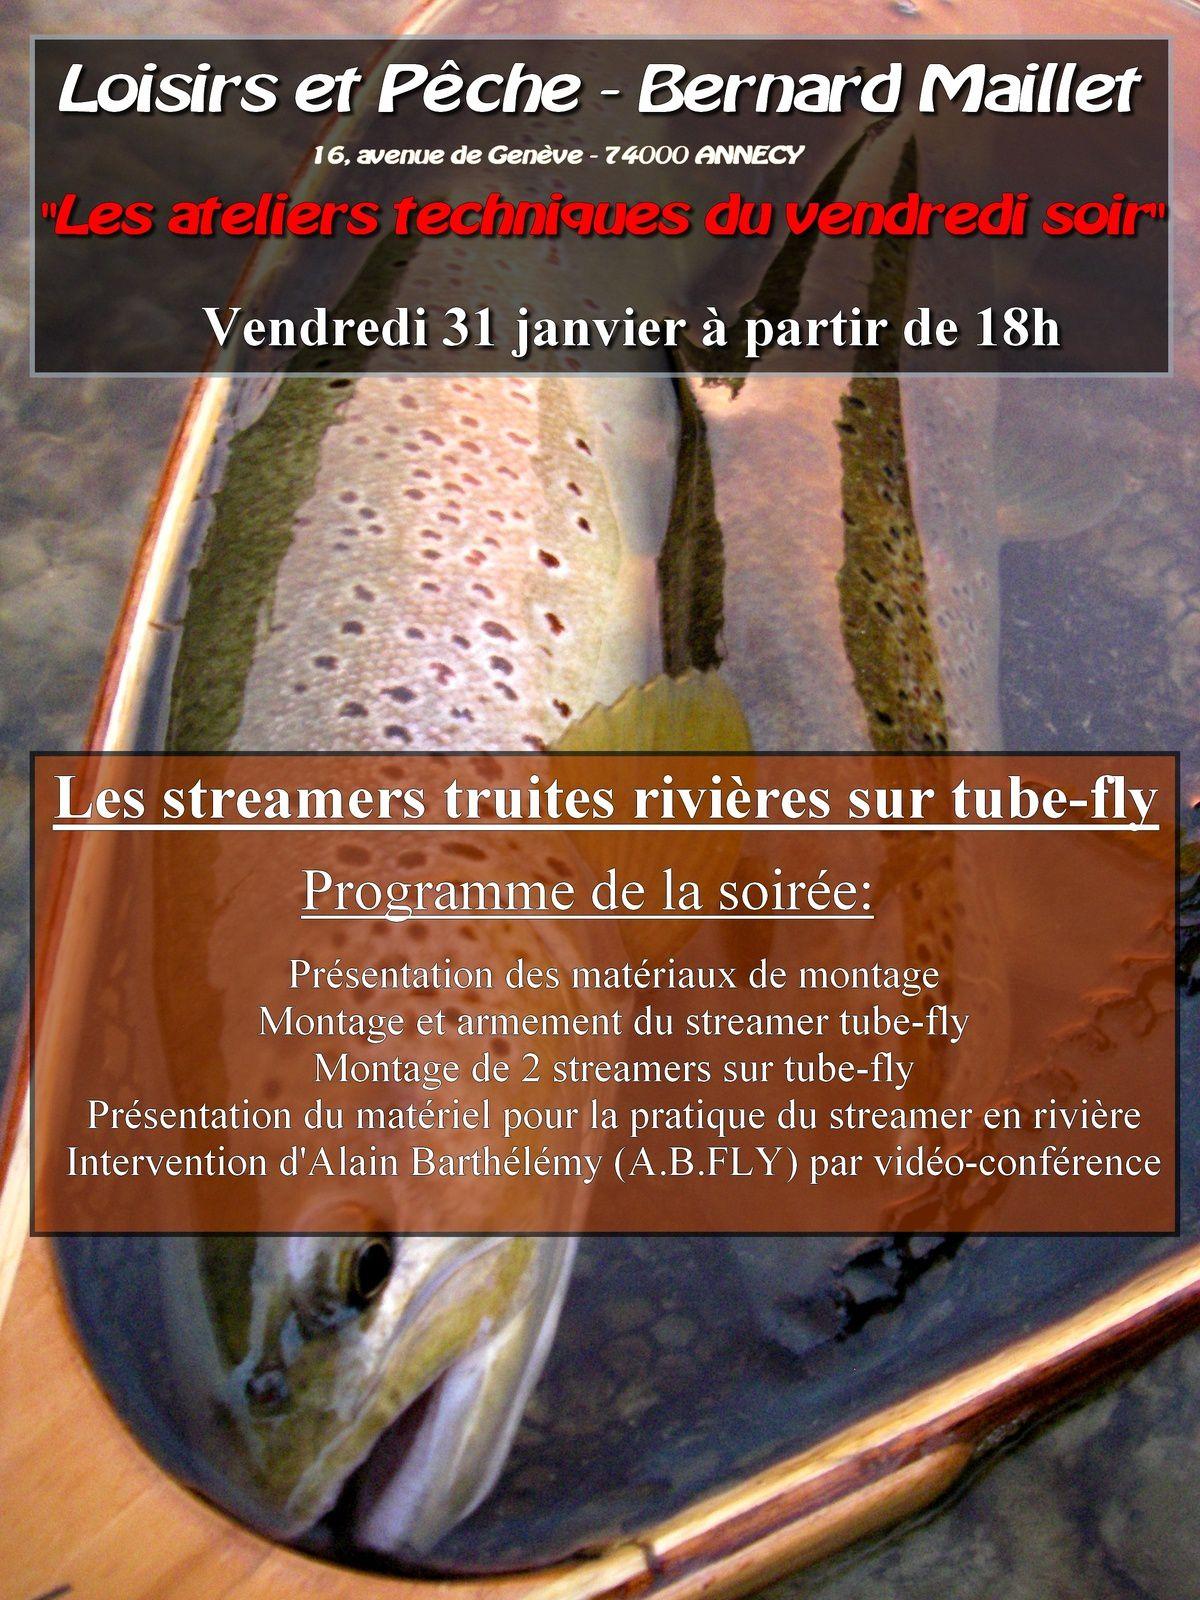 Les ateliers techniques du vendredi soir: les streamers truite rivière sur tube fly